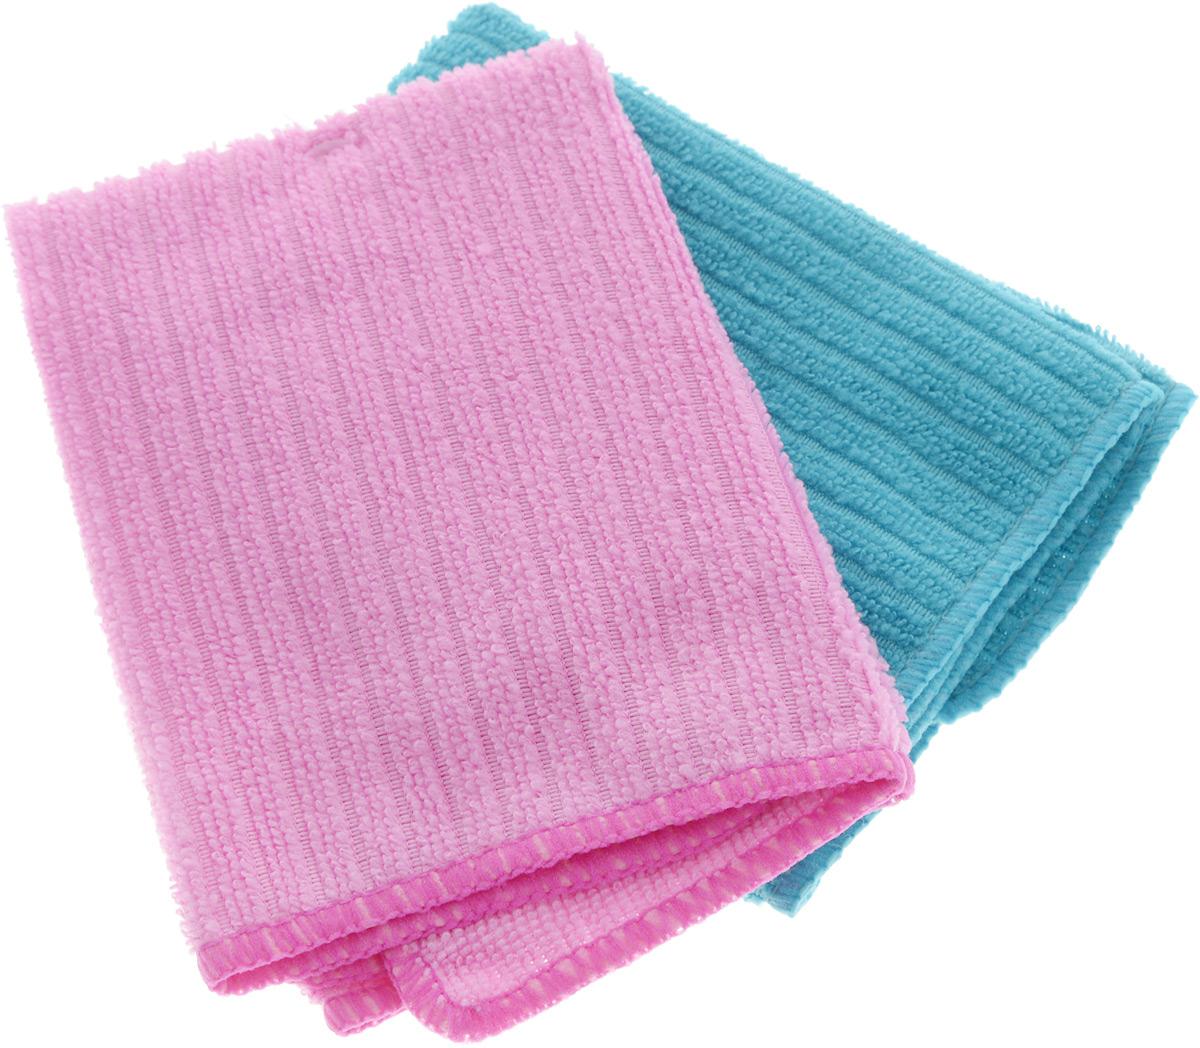 Салфетка из микрофибры Home Queen, цвет: бирюзовый, розовый, 30 х 30 см, 2 шт900684Салфетка Home Queen изготовлена из микрофибры (100% полиэстер). Это великолепная гипоаллергенная ткань, изготовленная из тончайших полимерных микроволокон. Салфетка из микрофибры может поглощать количество пыли и влаги, в 7 раз превышающее ее собственный вес. Многочисленные поры между микроволокнами, благодаря капиллярному эффекту, мгновенно впитывают воду, подобно губке. Благодаря мелким порам микроволокна, любые капельки, остающиеся на чистящей поверхности, очень быстро испаряются, и остается чистая дорожка без полос и разводов. В сухом виде при вытирании поверхности волокна микрофибры электризуются и притягивают к себе микробов, мельчайшие частицы пыли и грязи, удерживая их в своих микропорах.Размер салфетки: 30 х 30 см.